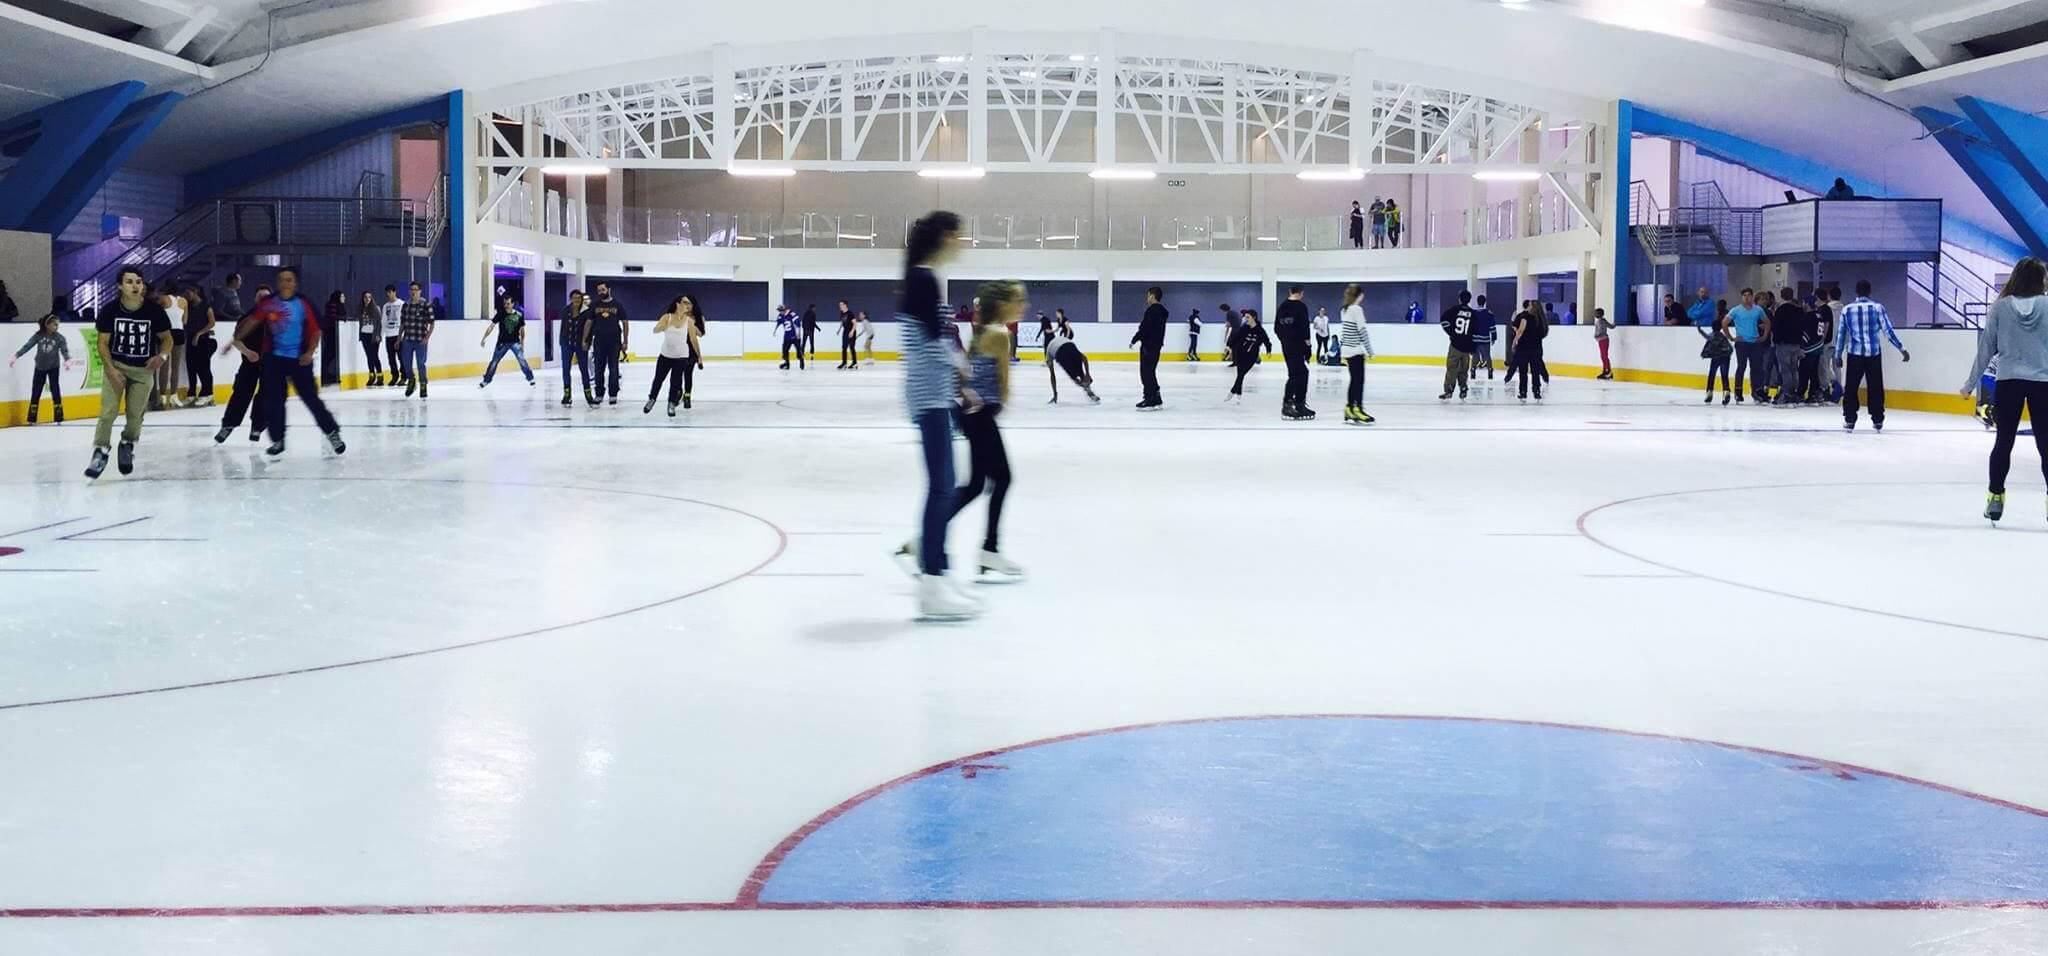 Hamarosan felépülhet az újpesti jégsportközpont